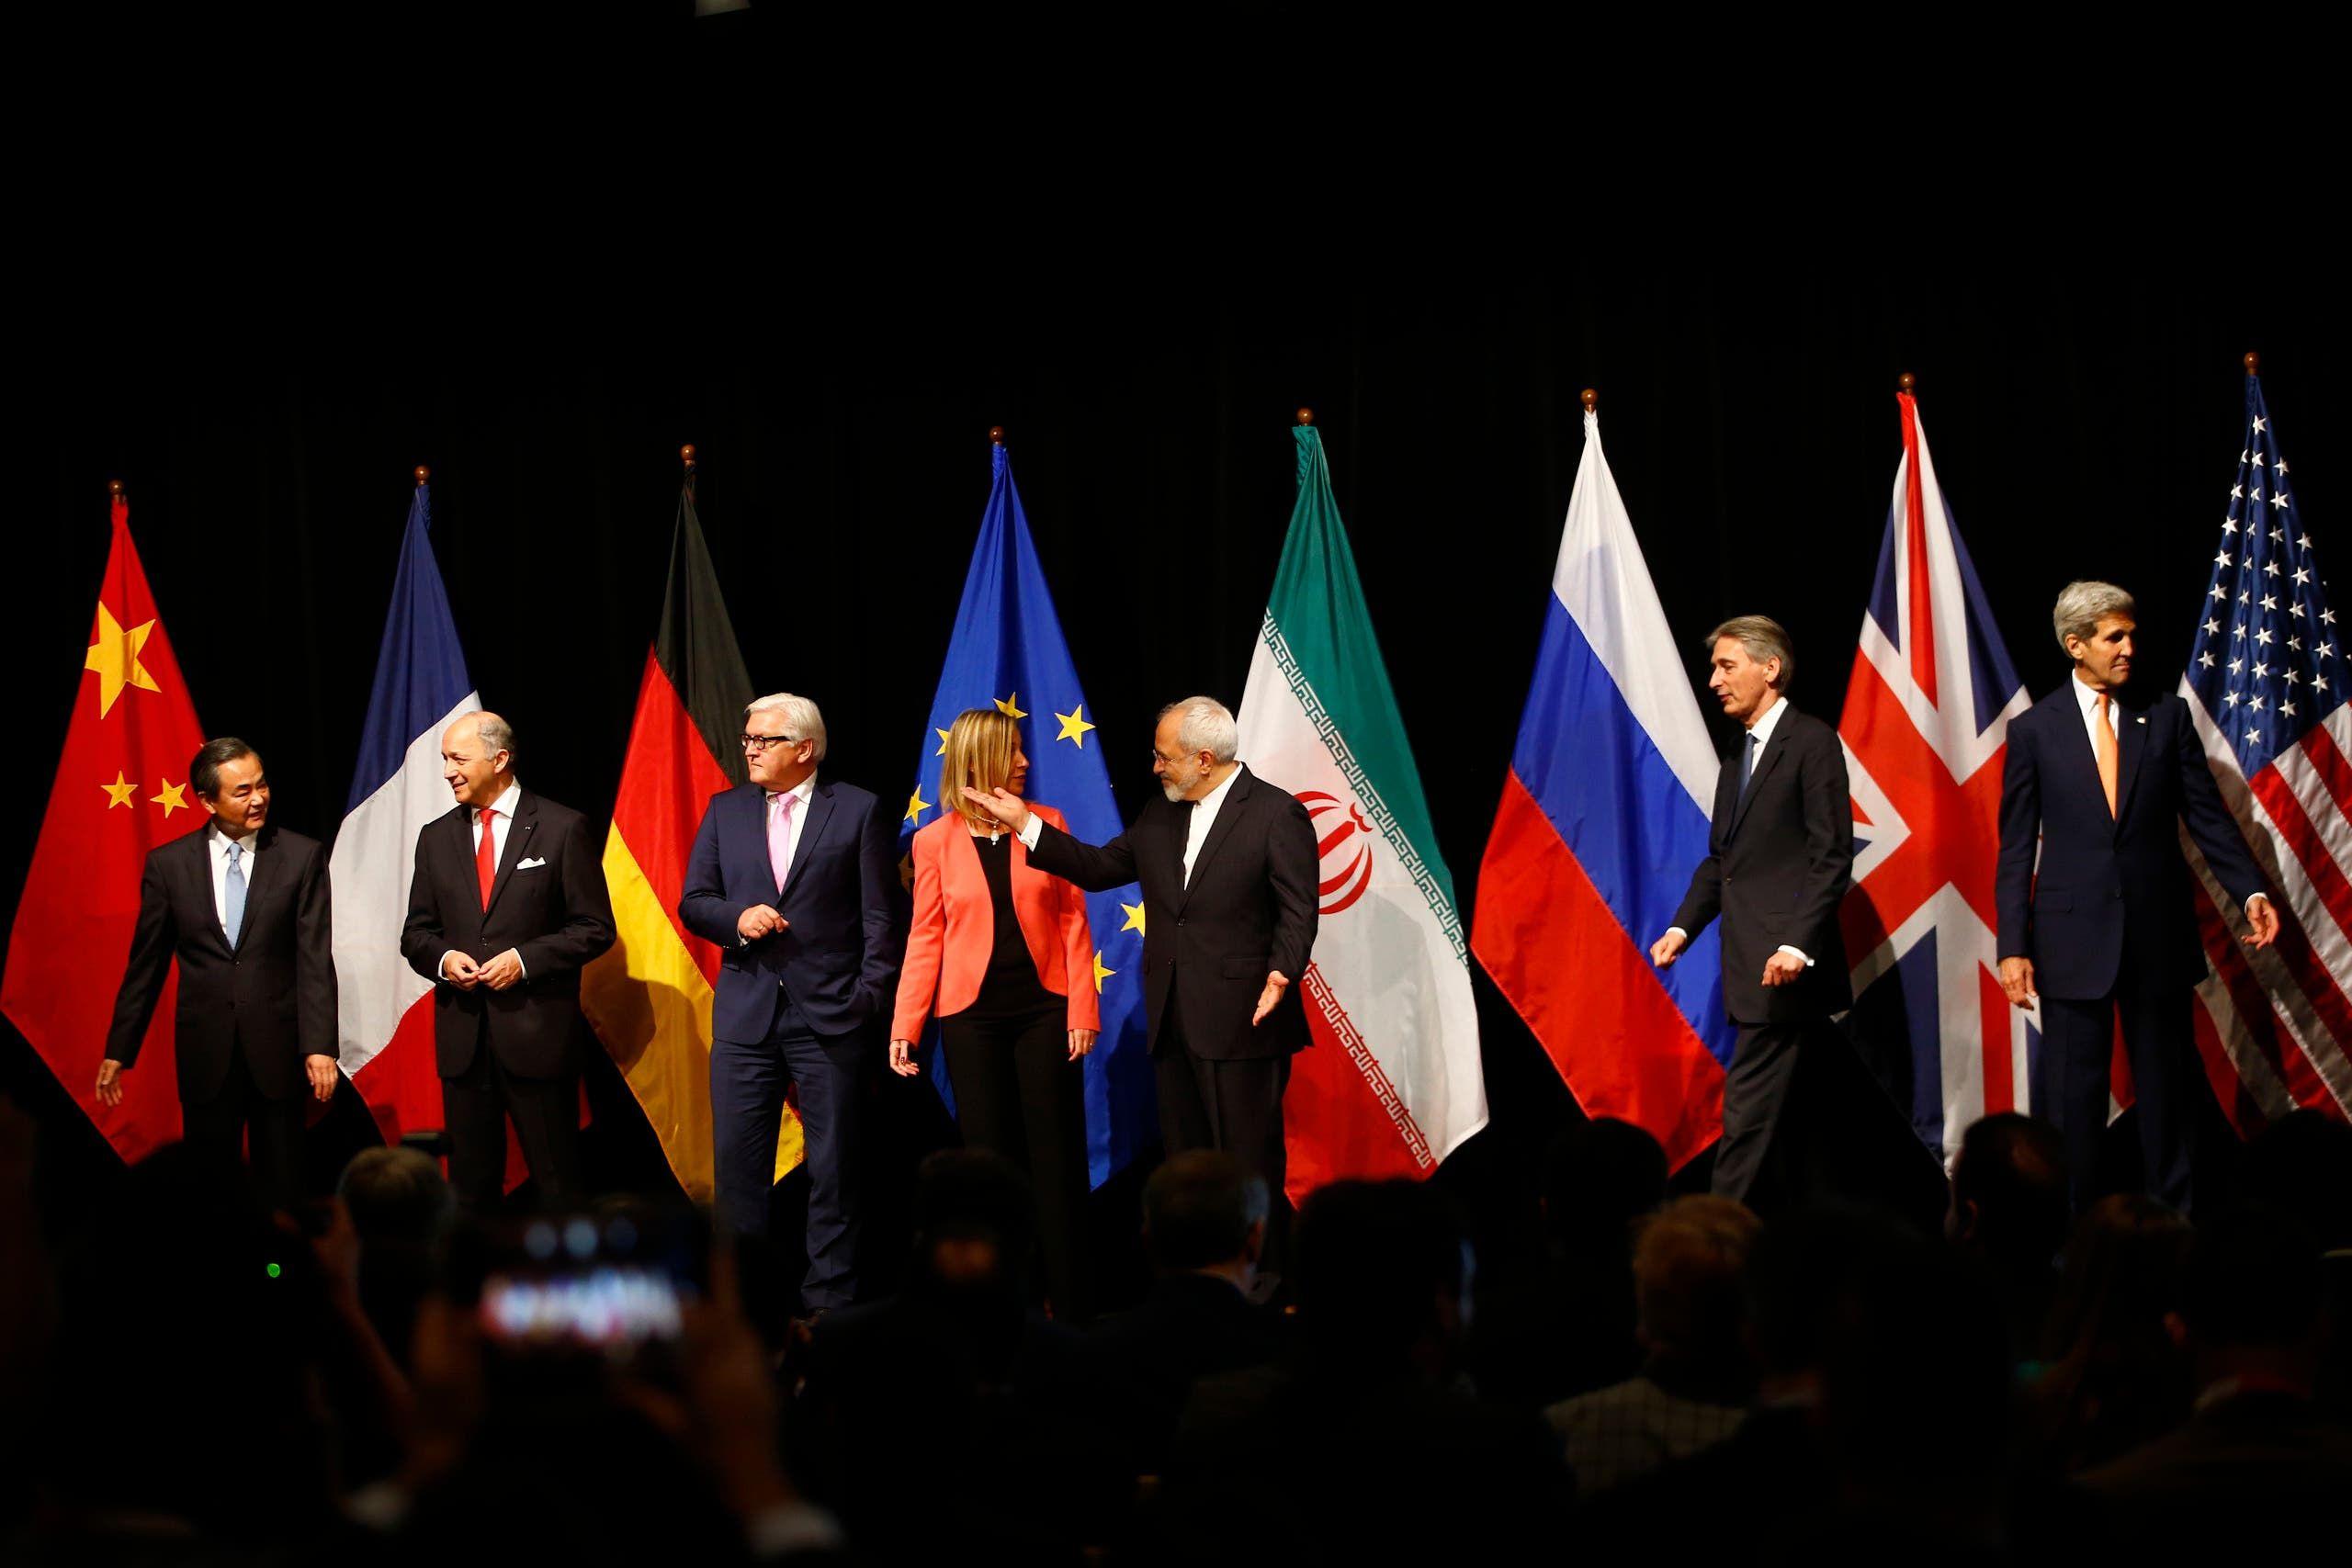 من الإعلان عن الاتفاق النووي في فيينا في 2015